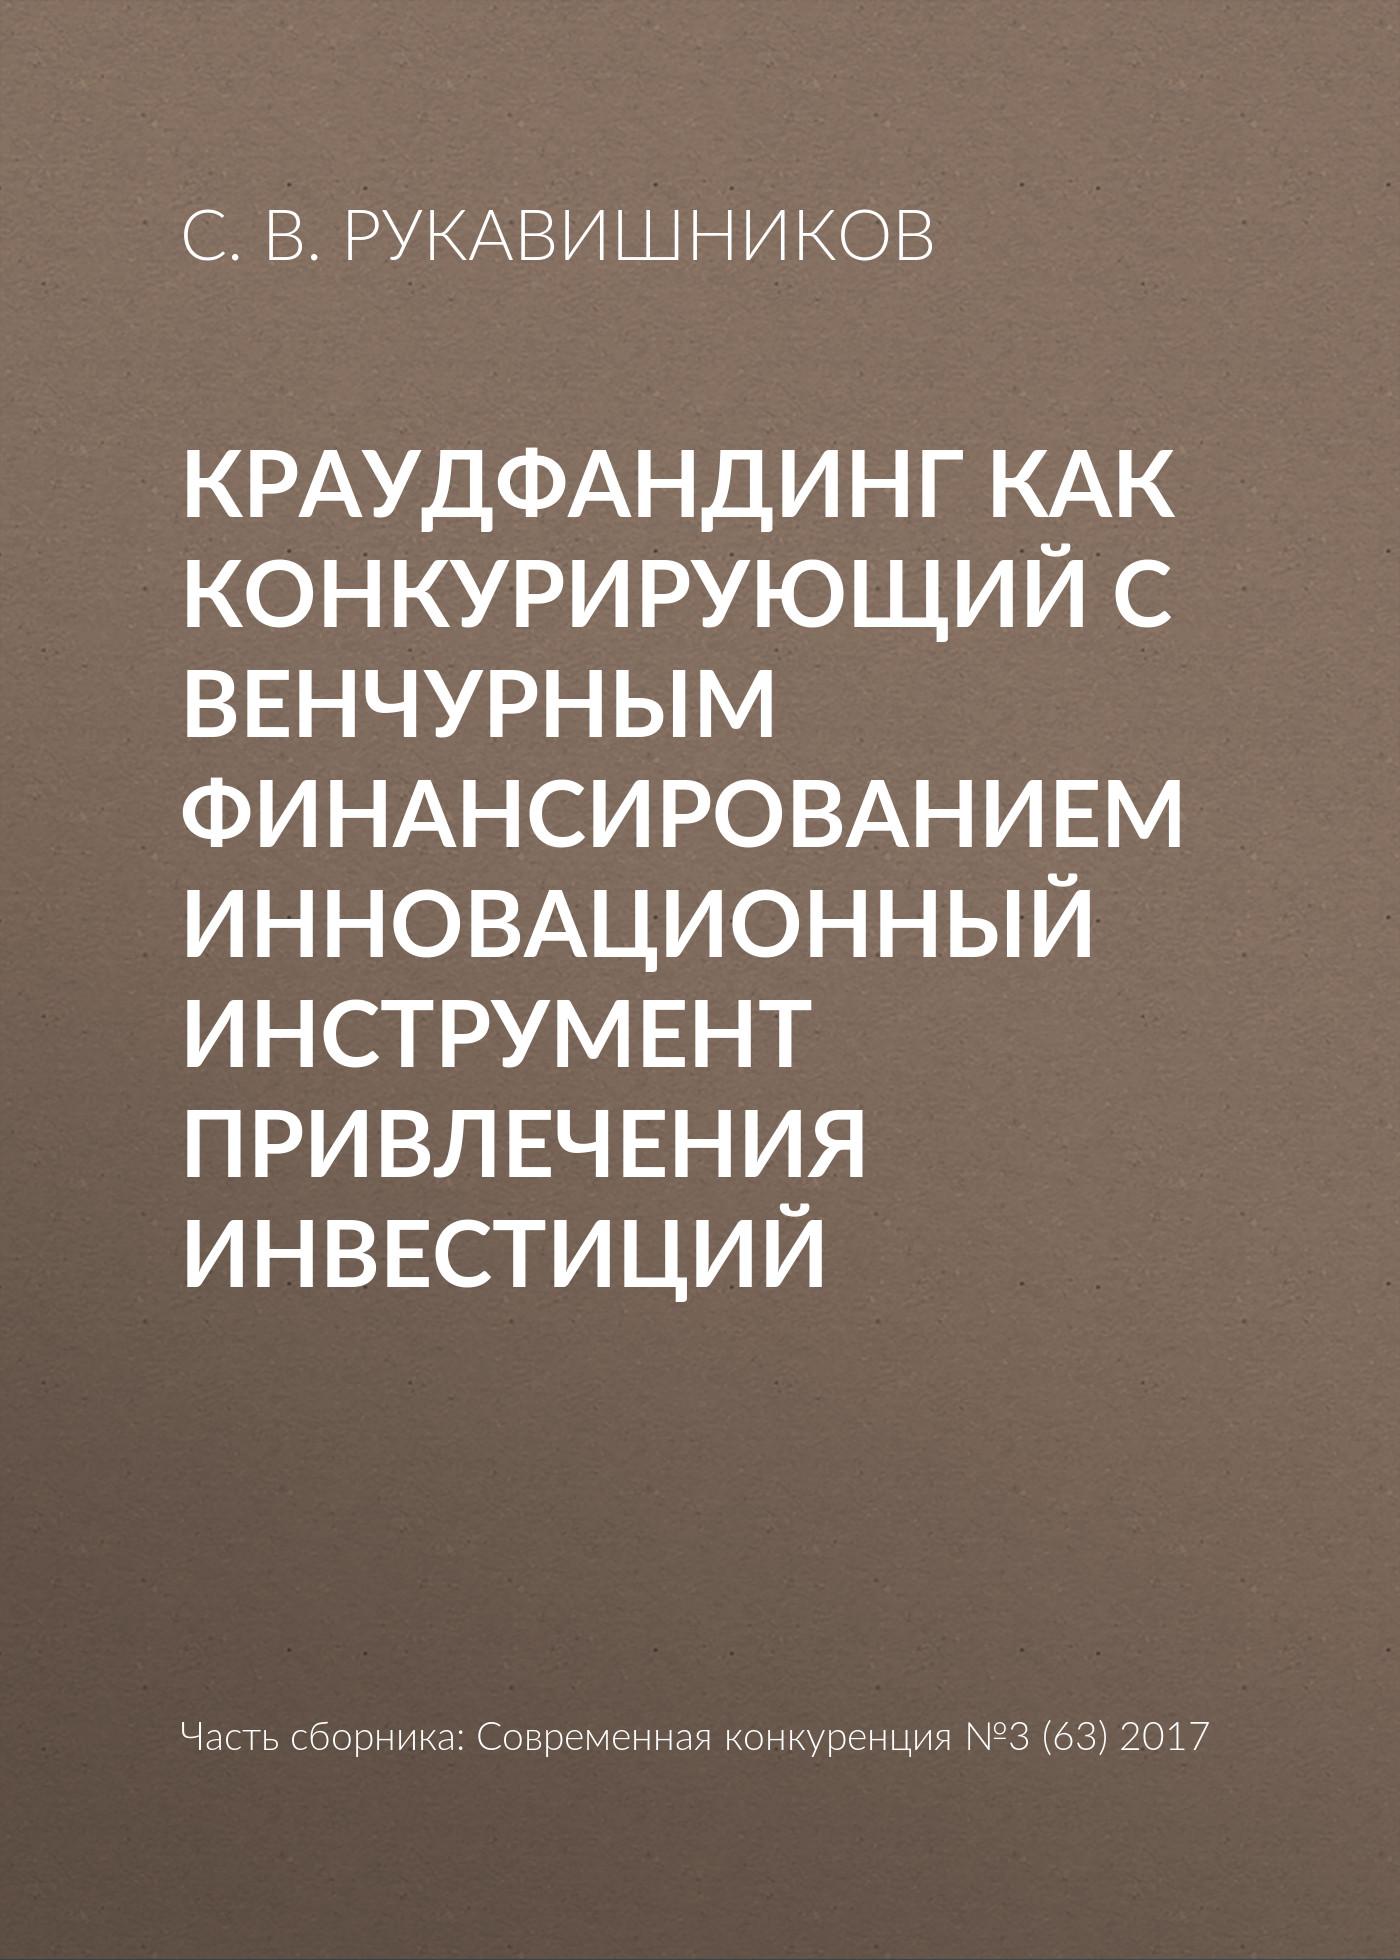 С. В. Рукавишников Краудфандинг как конкурирующий с венчурным финансированием инновационный инструмент привлечения инвестиций владимир шерягин современные конкурентные преимущества